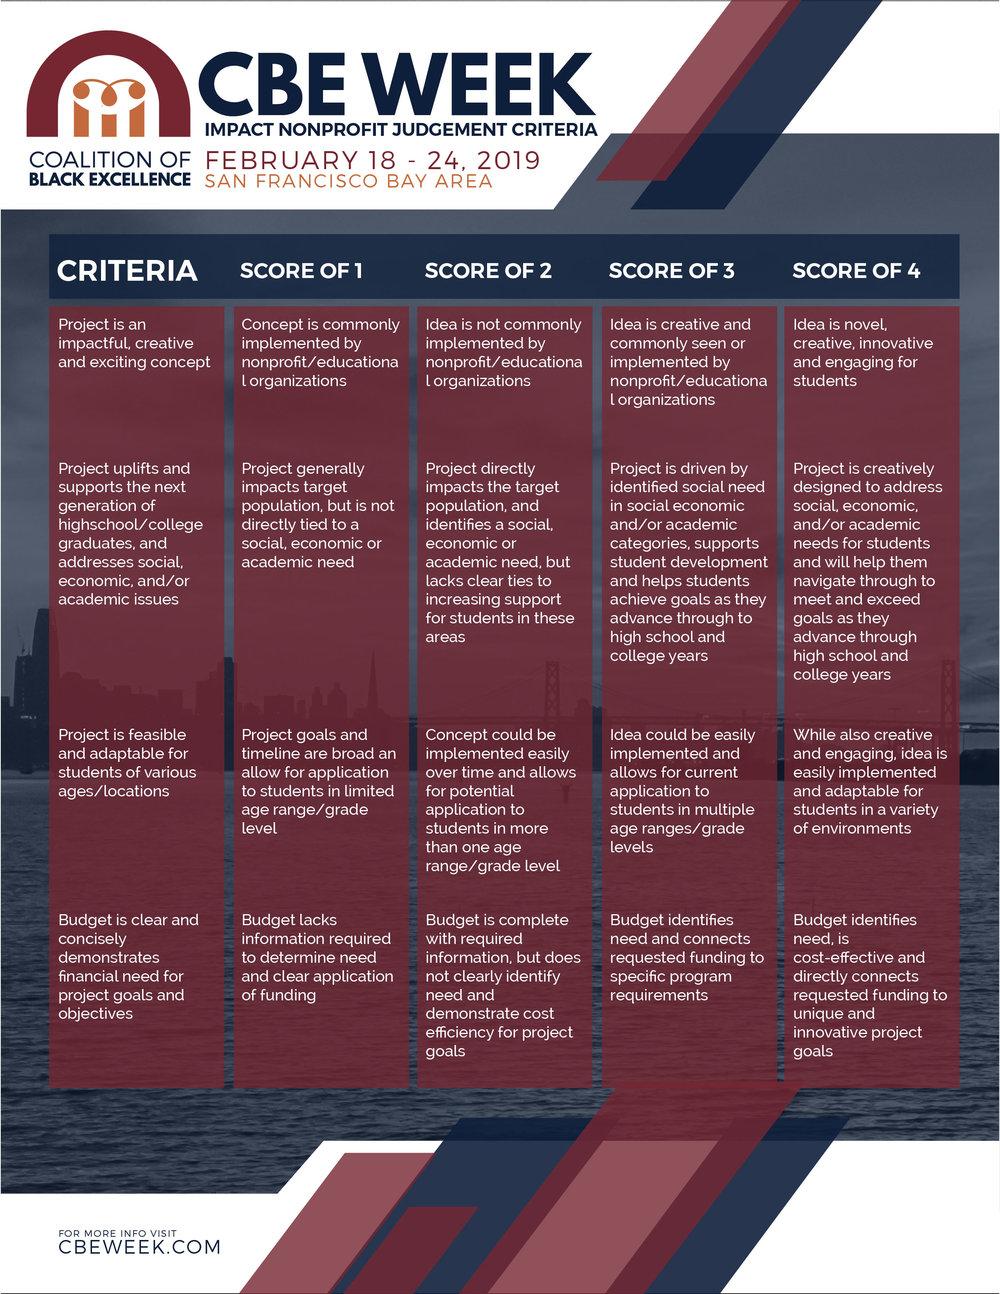 CBE-Impact-Non-Profit-Judgement-Criteria.jpg